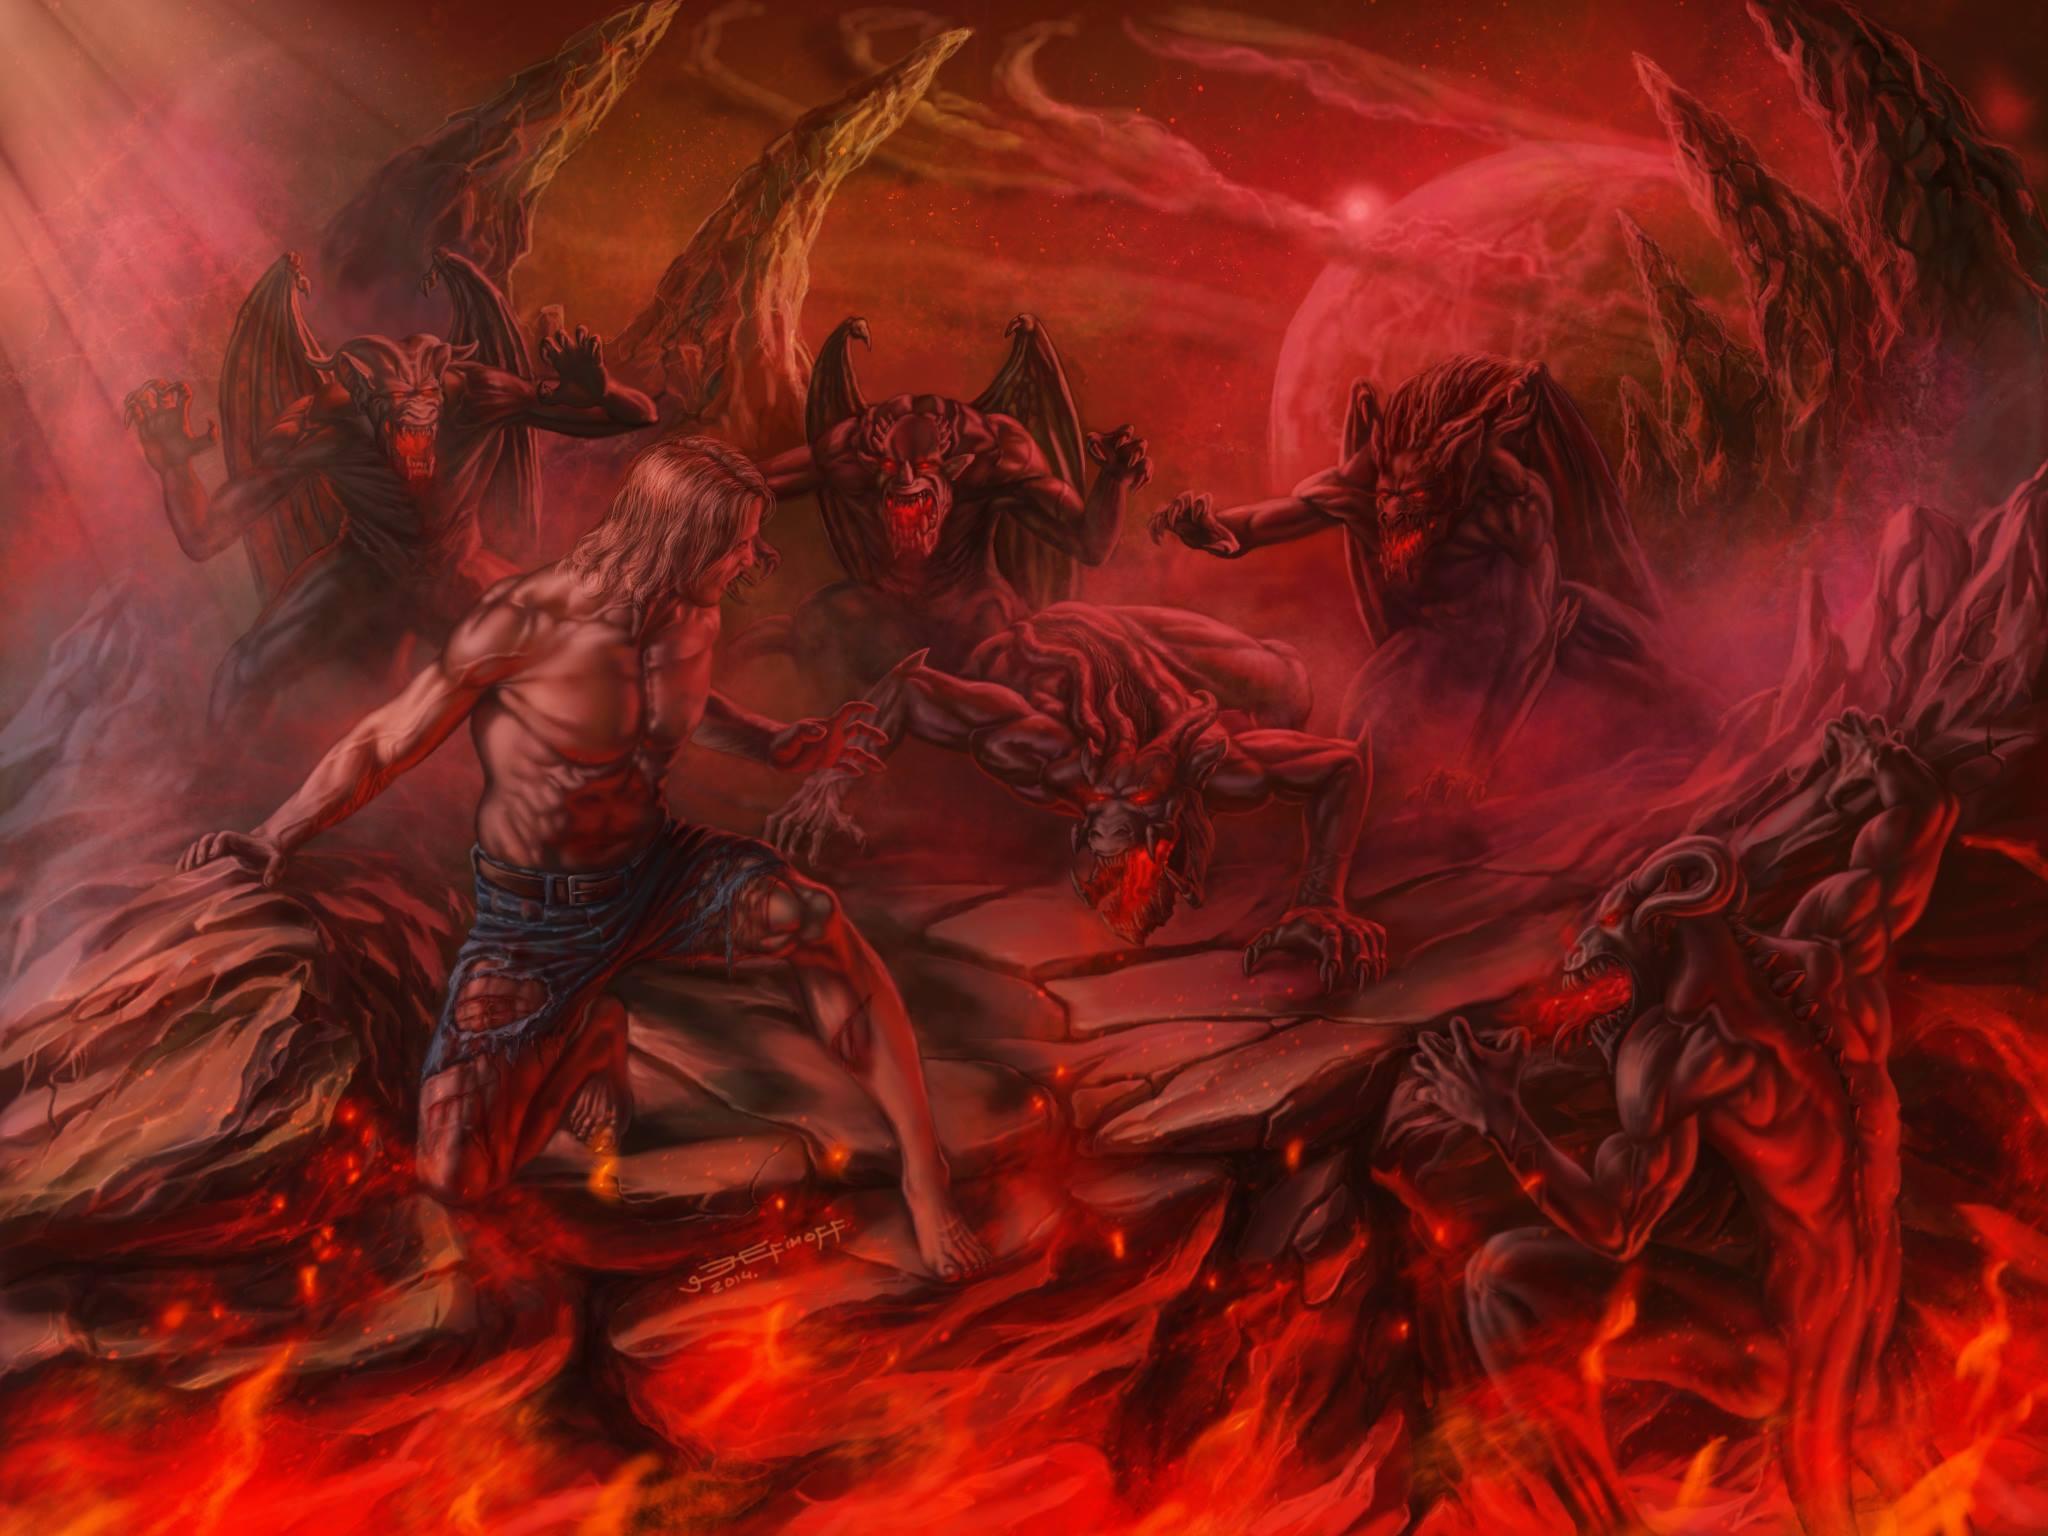 Главные демоны в картинках